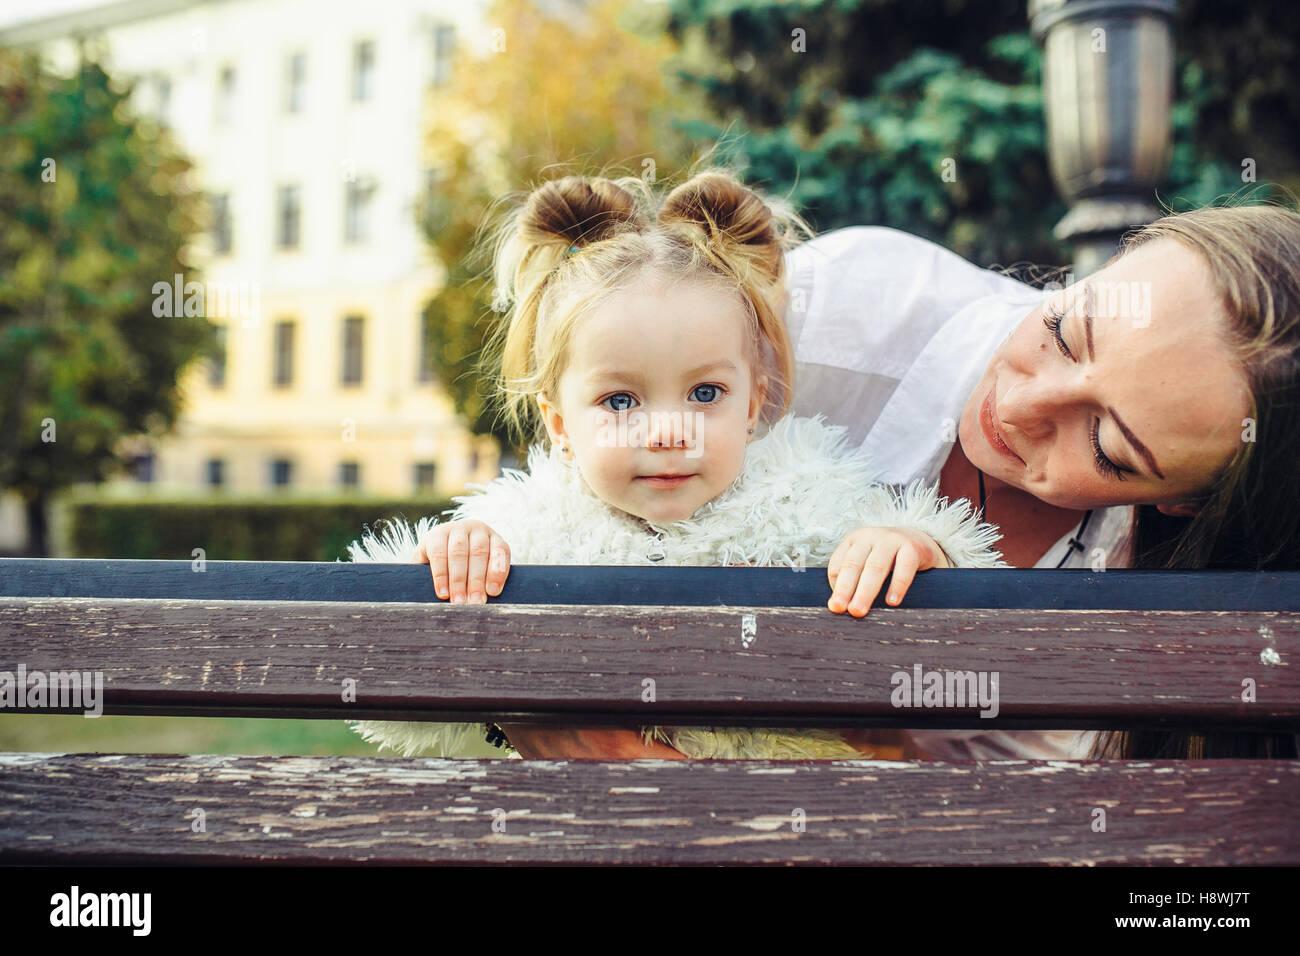 Mutter und Tochter in einem park Stockfotografie - Alamy